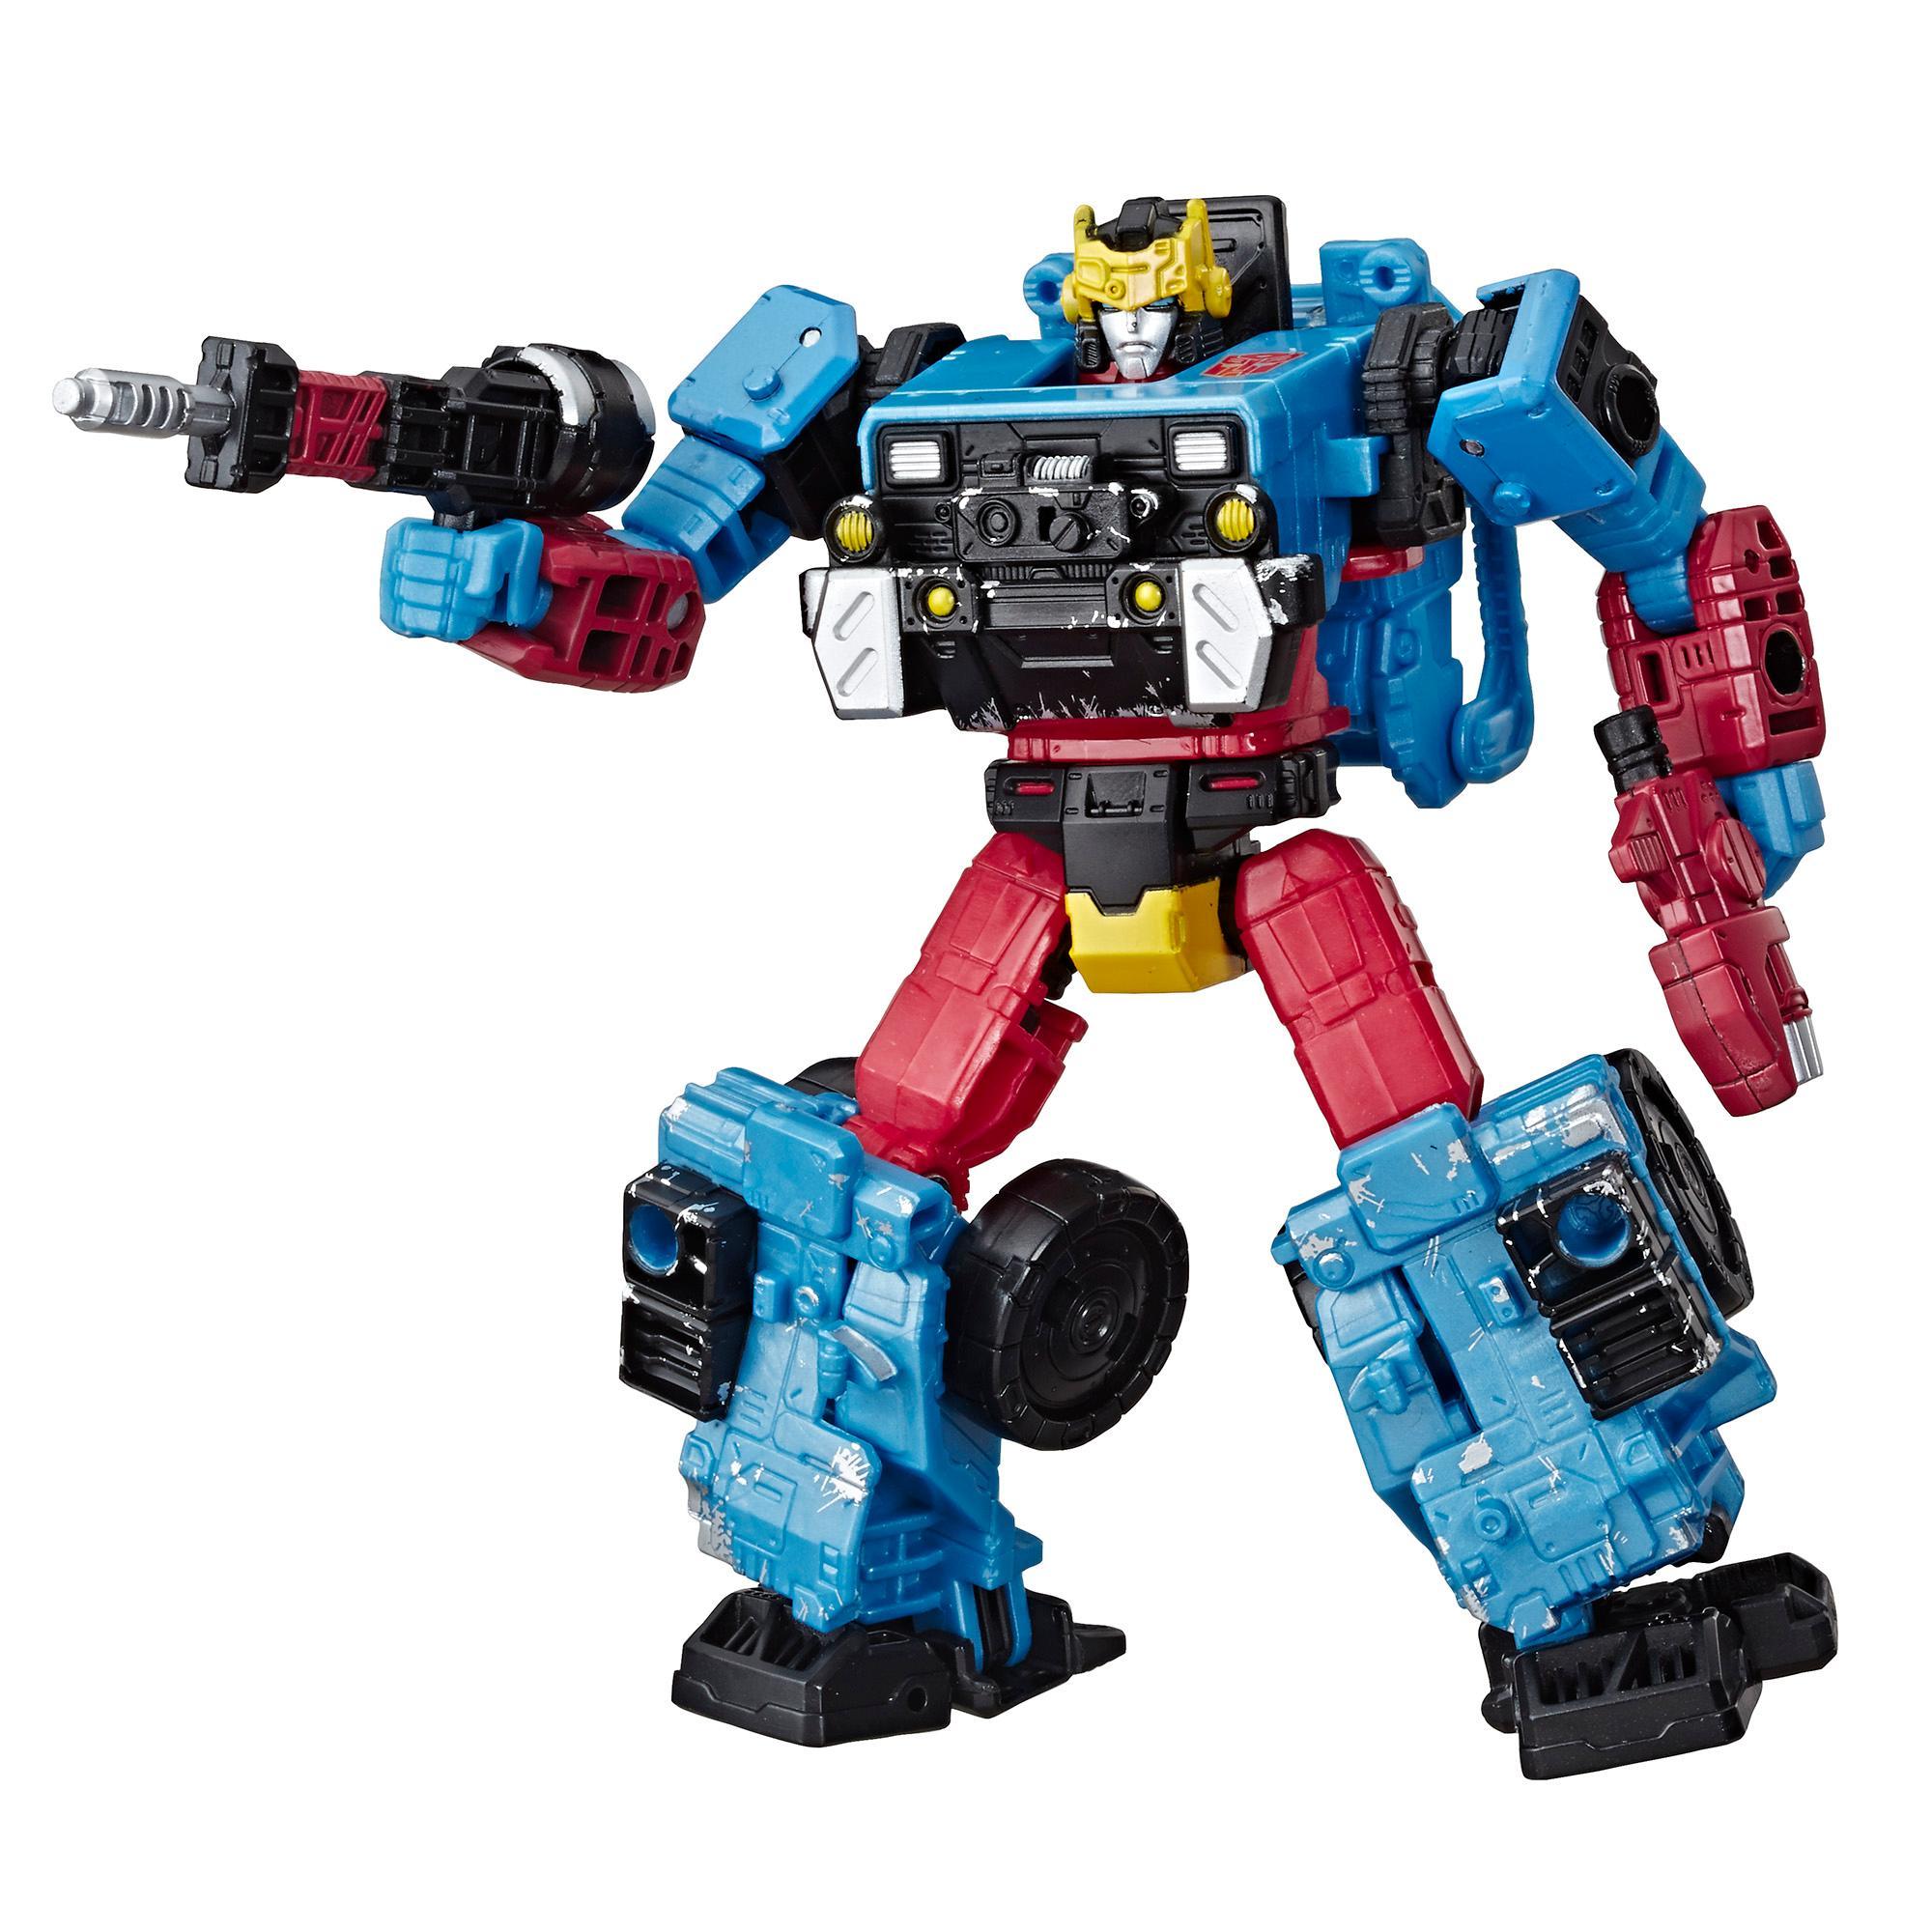 變形金剛世代系列精選 WFC-GS09 激射,賽博坦之戰豪華級玩偶 - 收藏家玩偶,5.5 吋